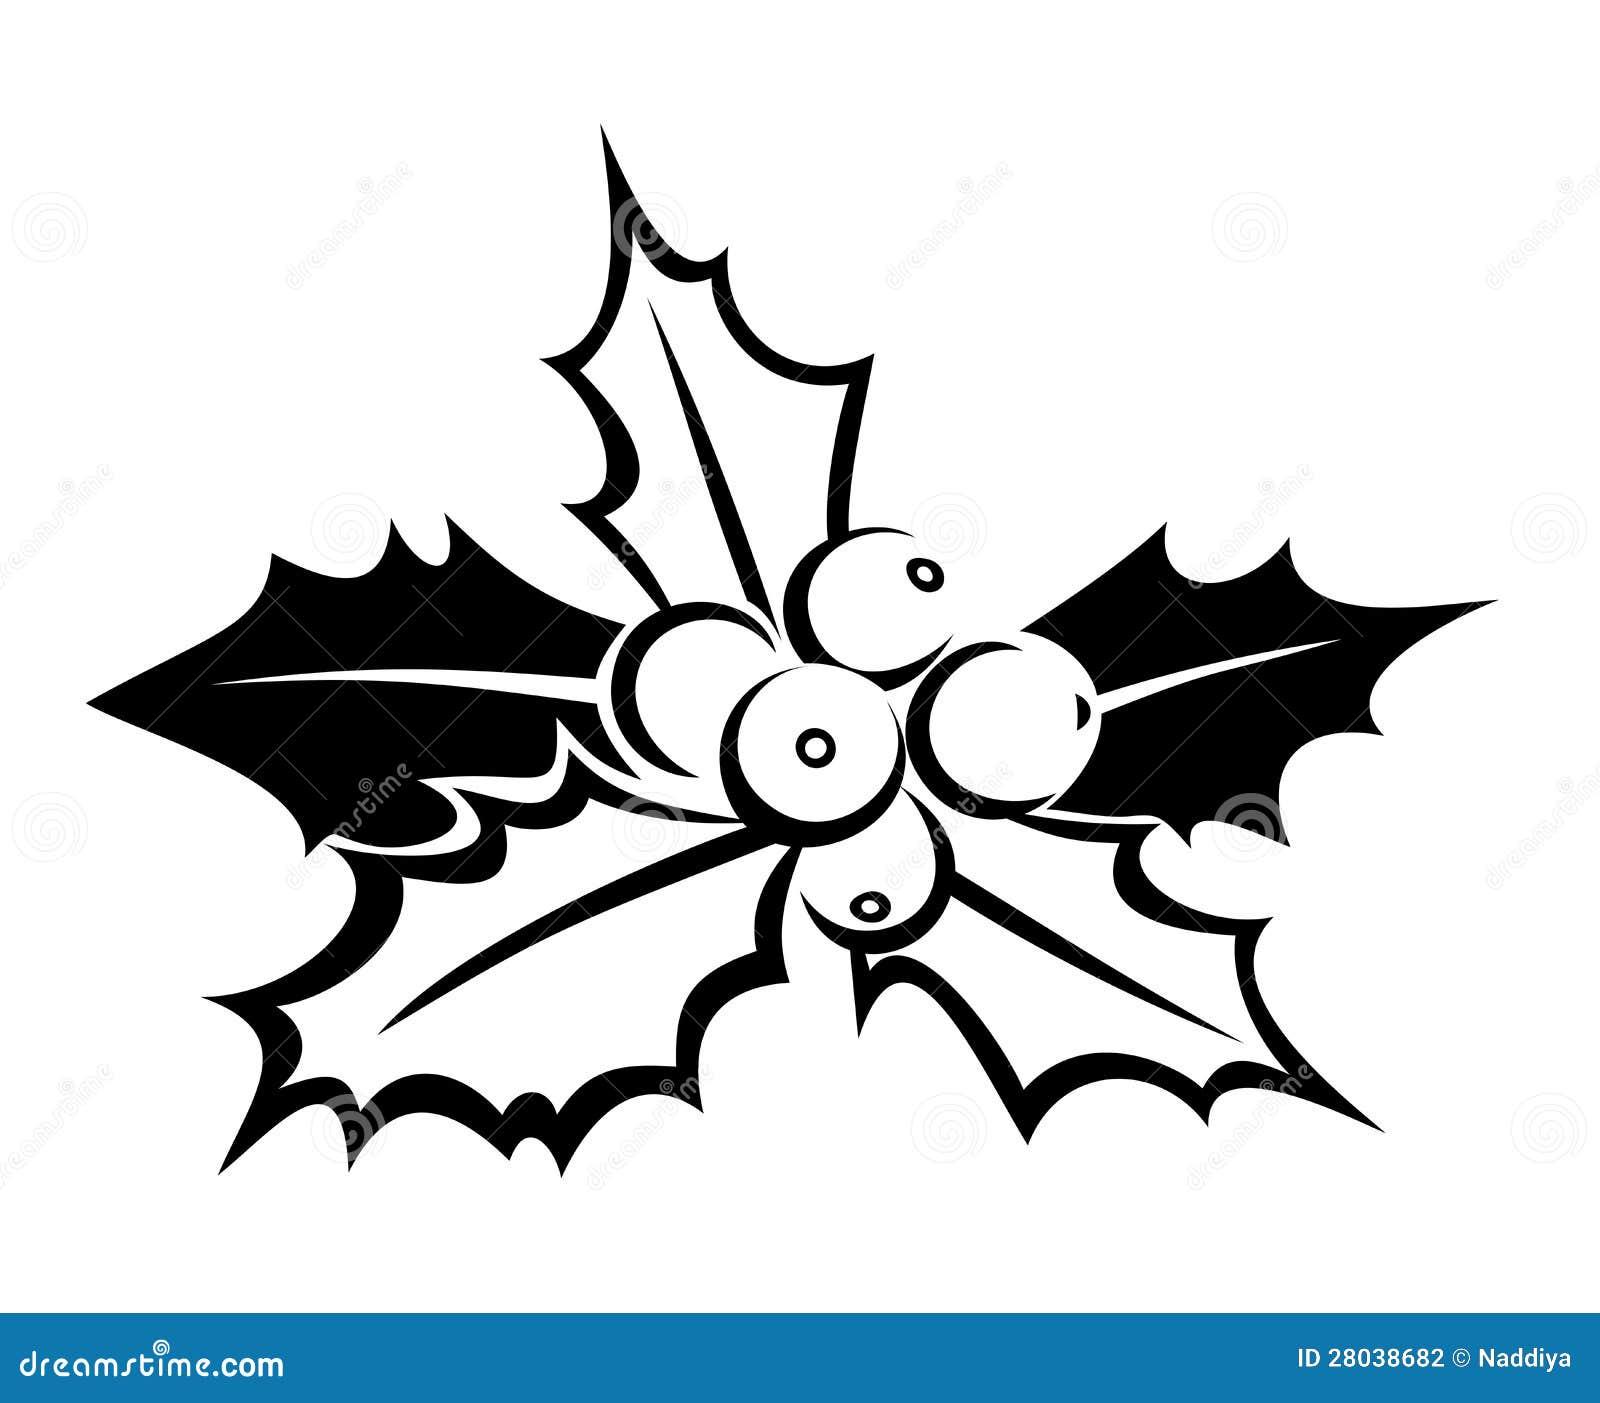 Silhouette noire de houx. Illustration de vecteur.